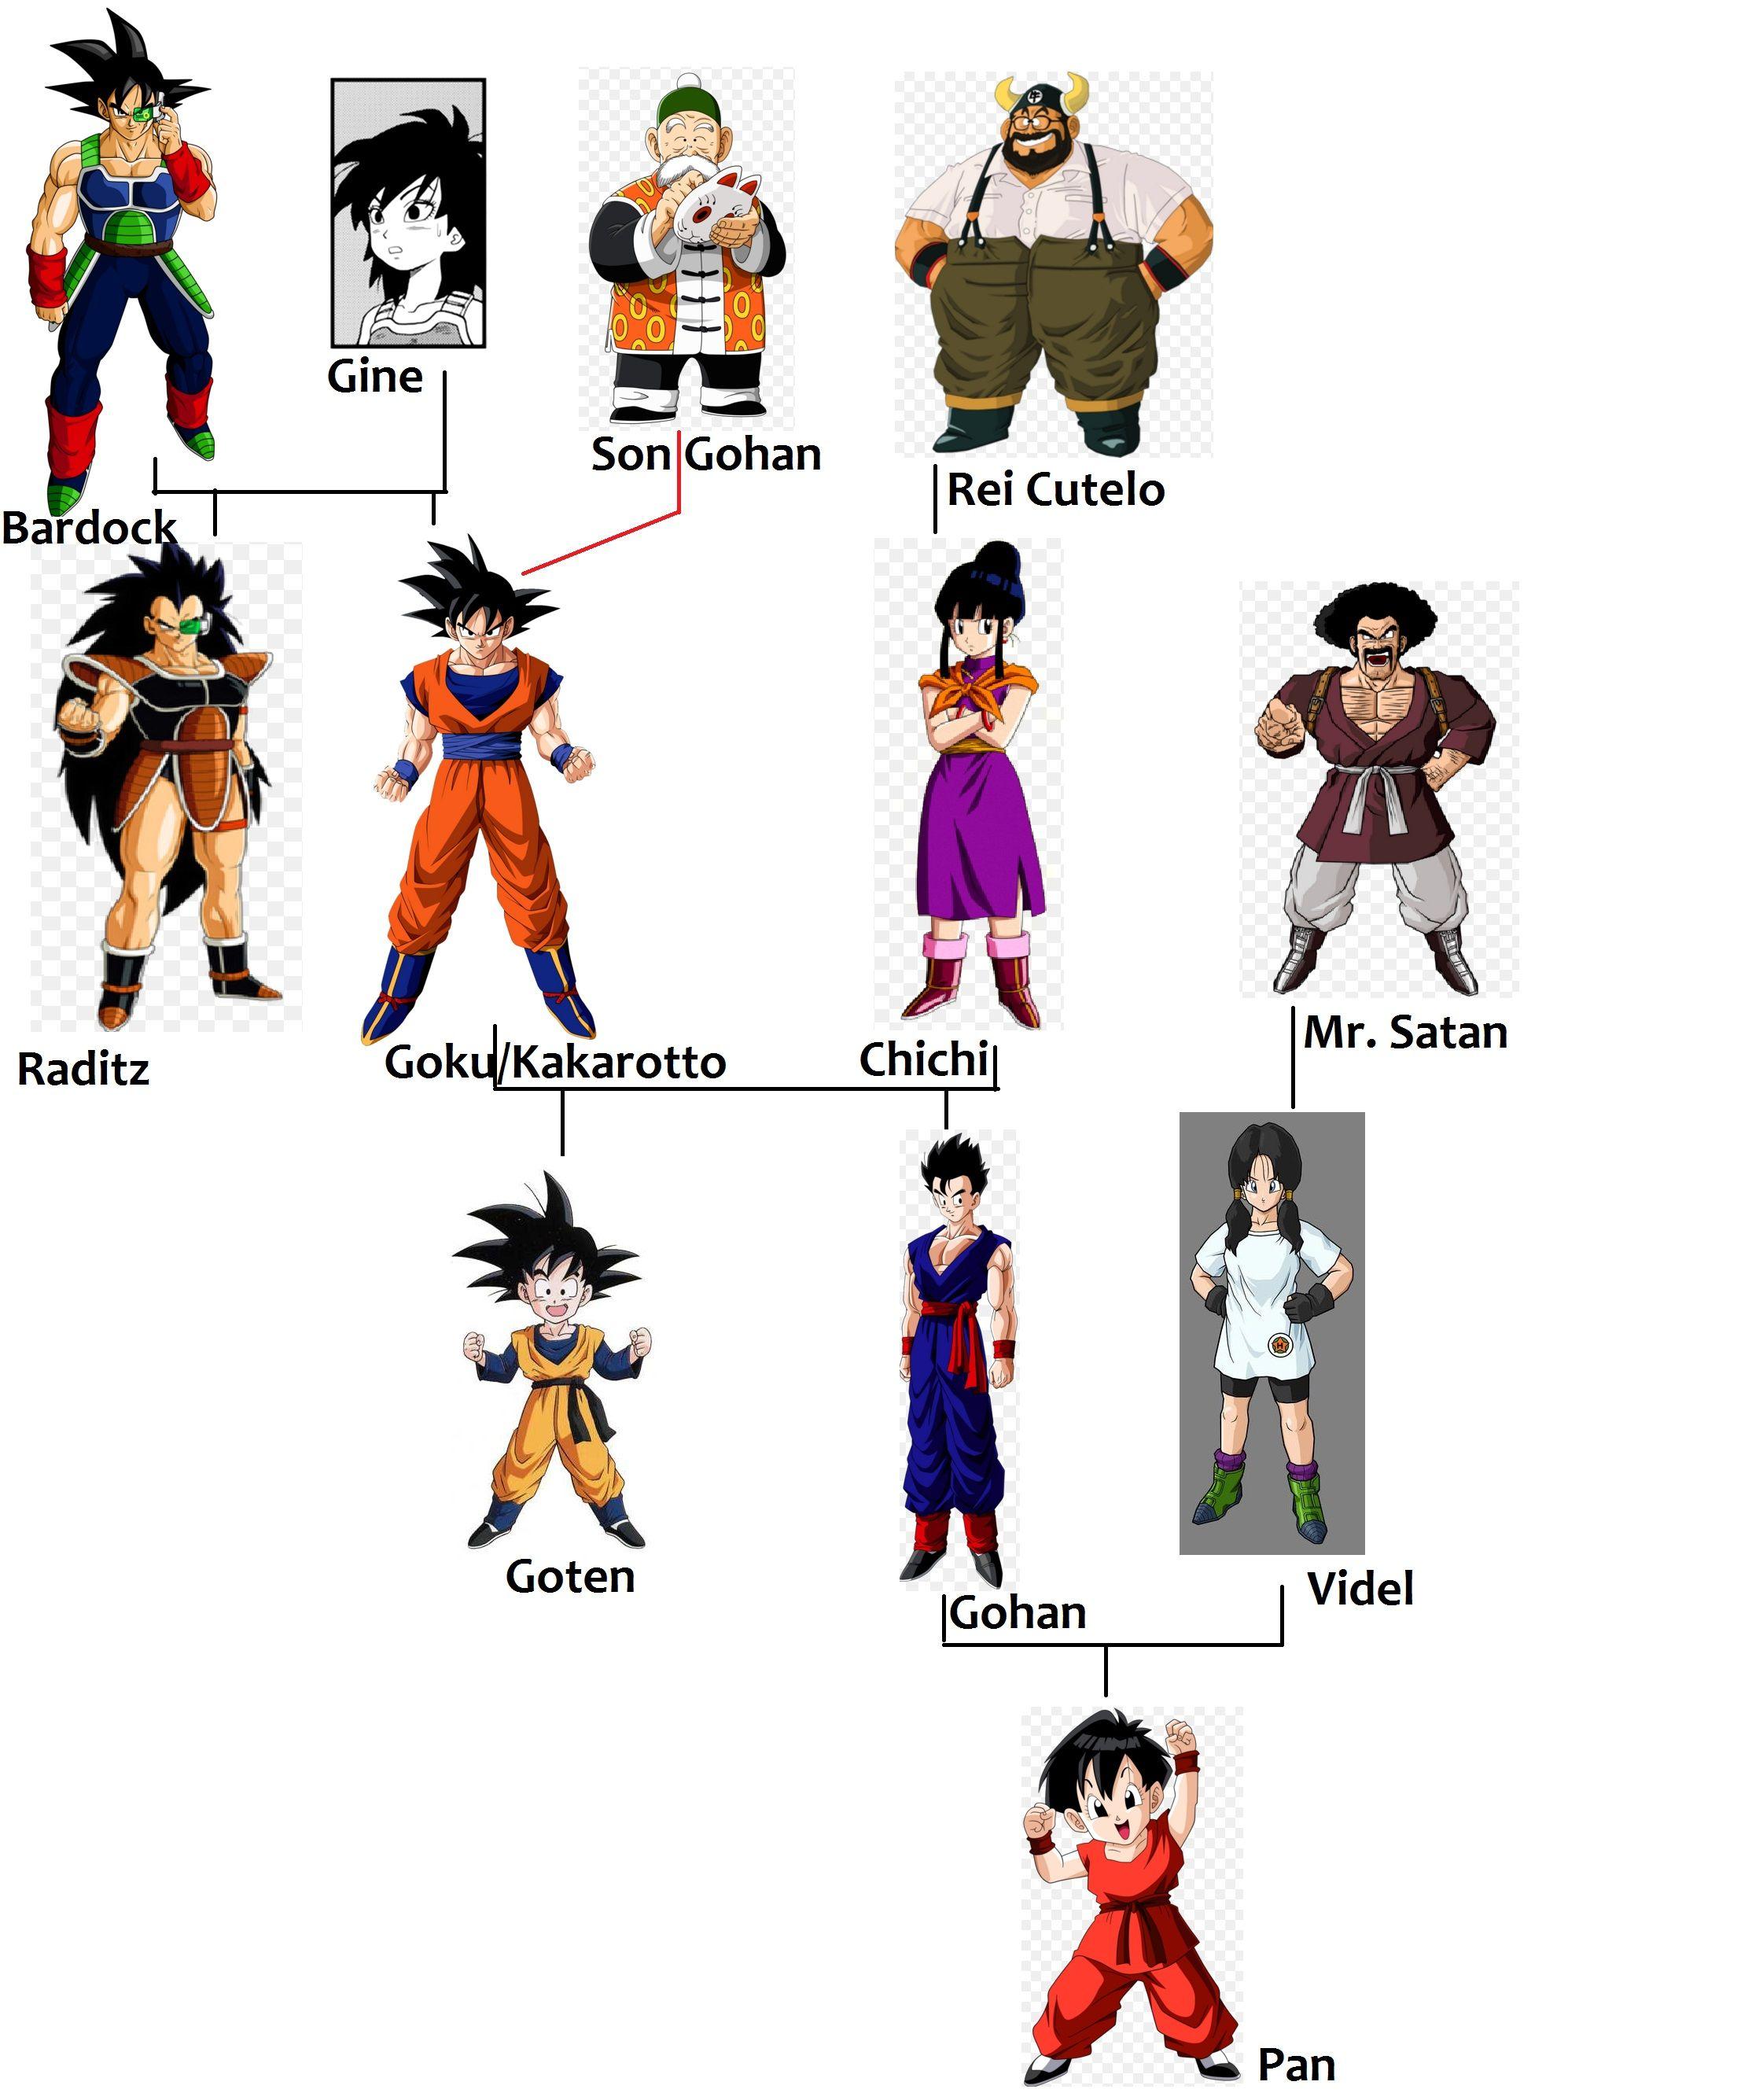 Goku Family Tree | Dragon Ball | Pinterest | Goku, Dragon ...